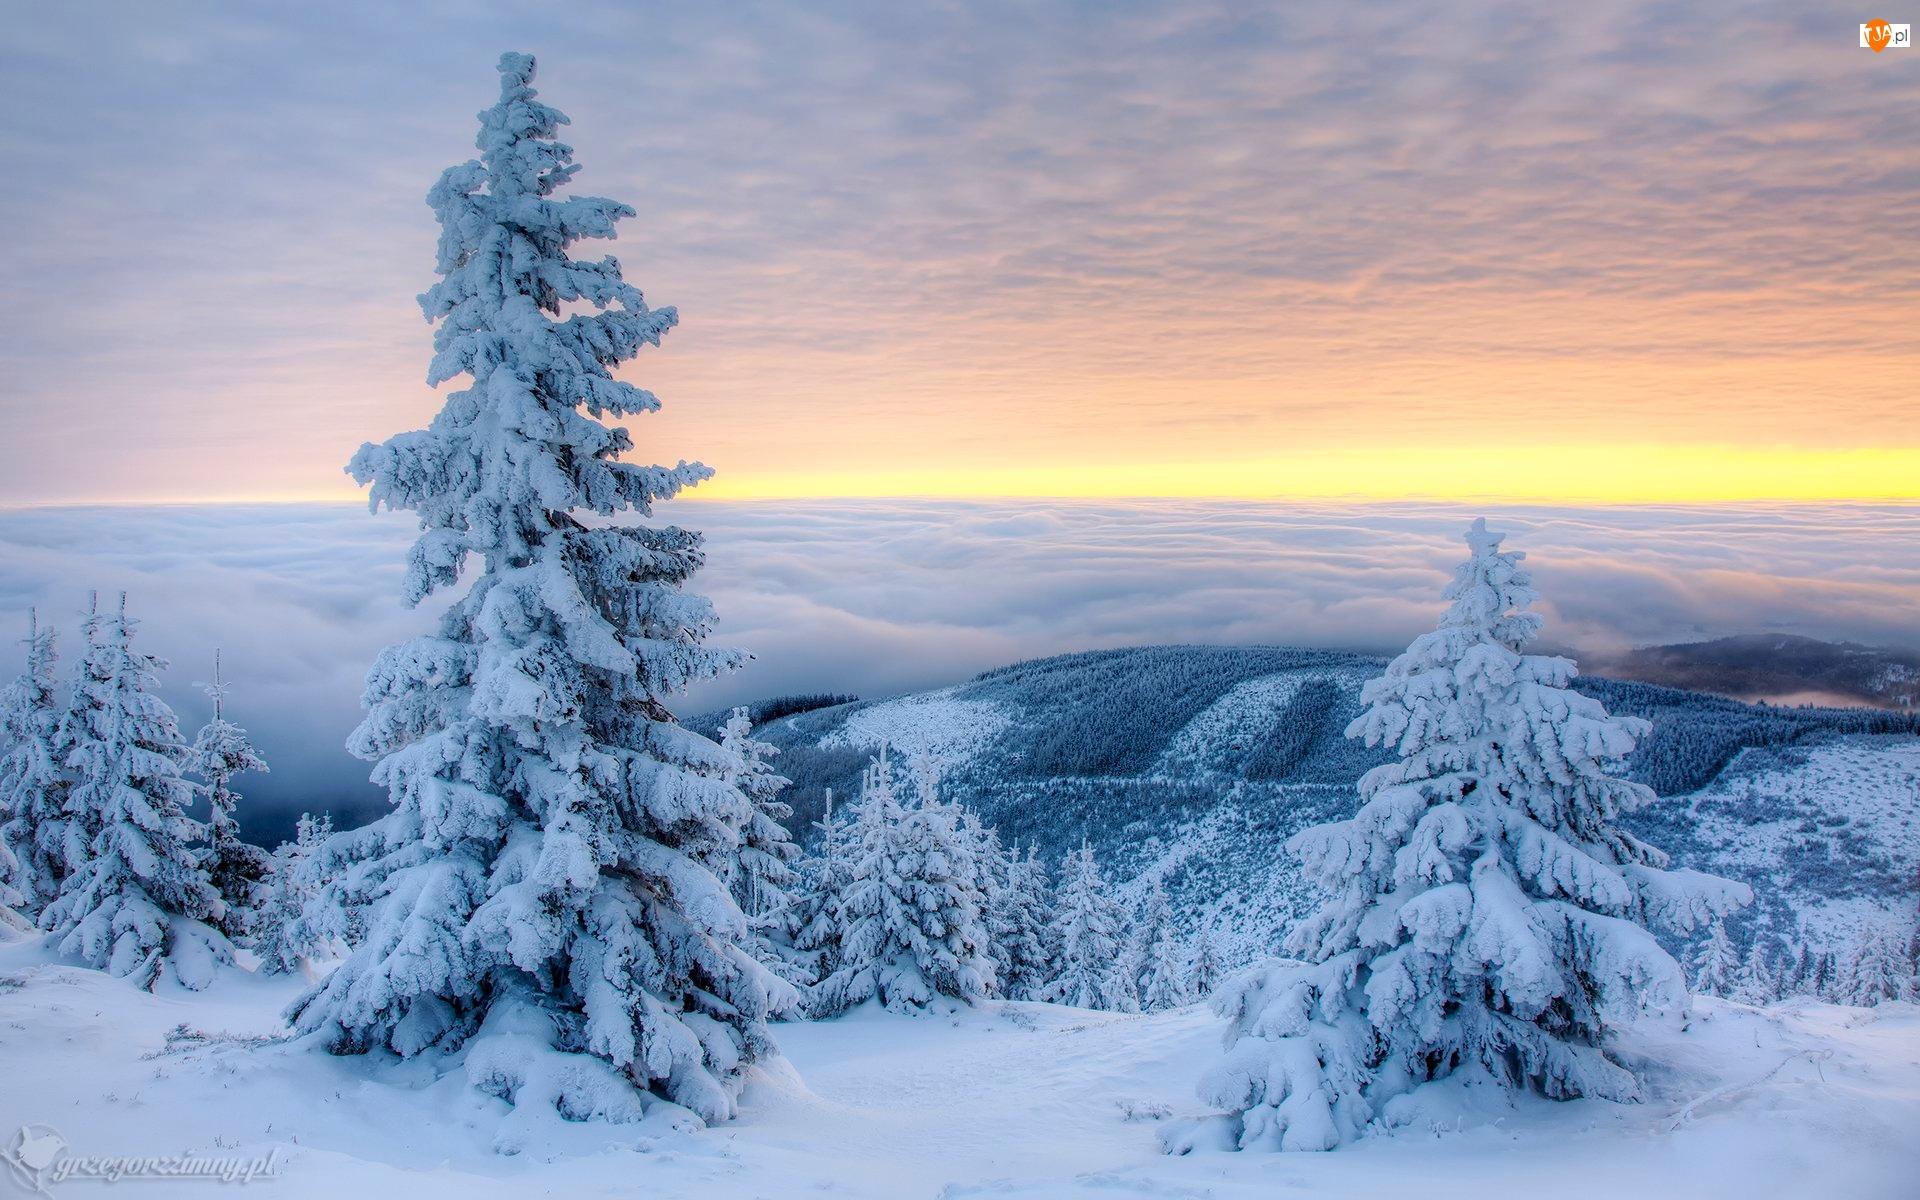 Mgła, Zima, Ośnieżone, Chmury, Śnieg, Drzewa, Góry, Świerki